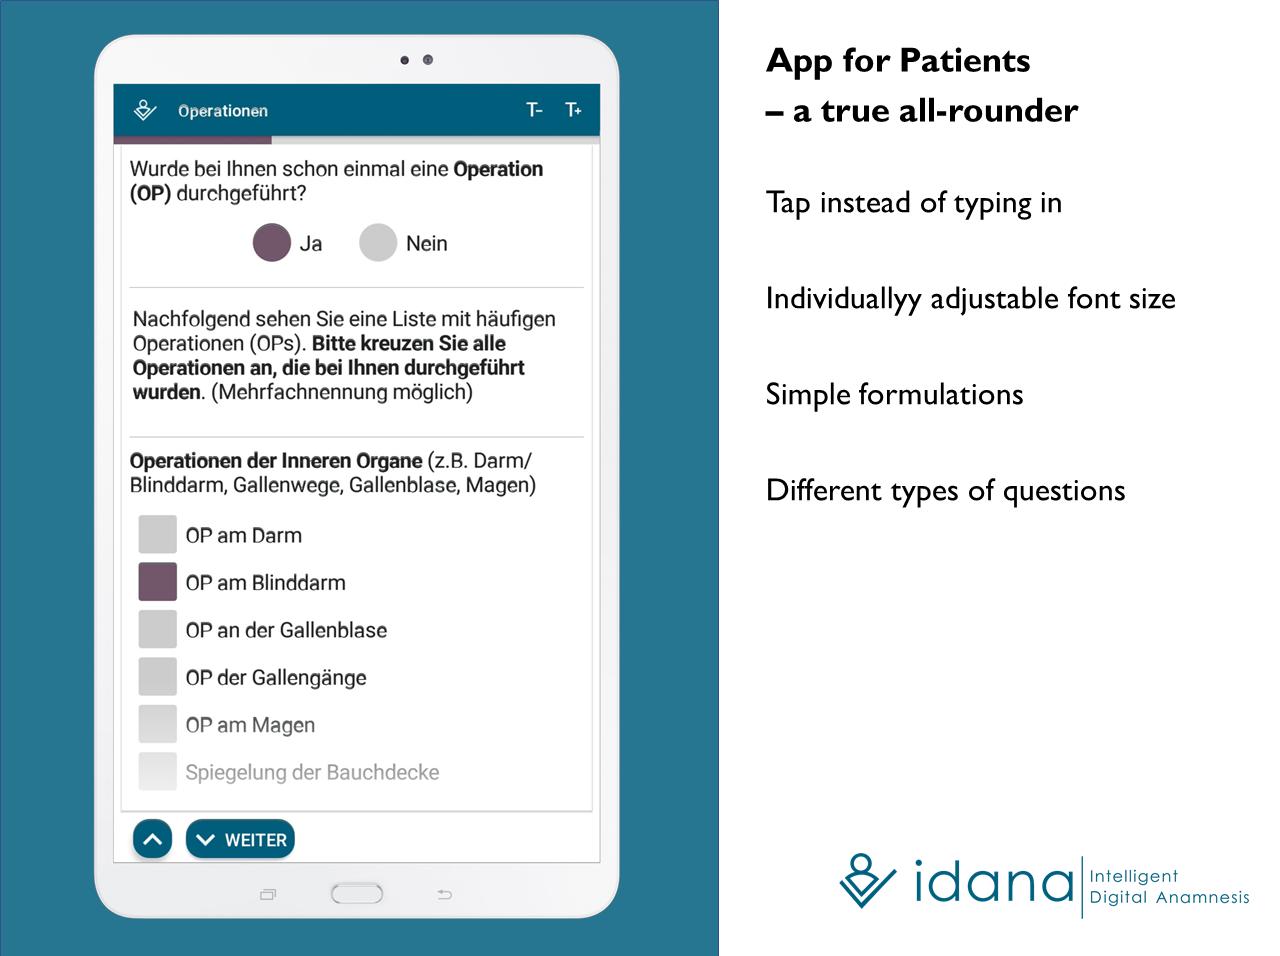 Idana - Patient App